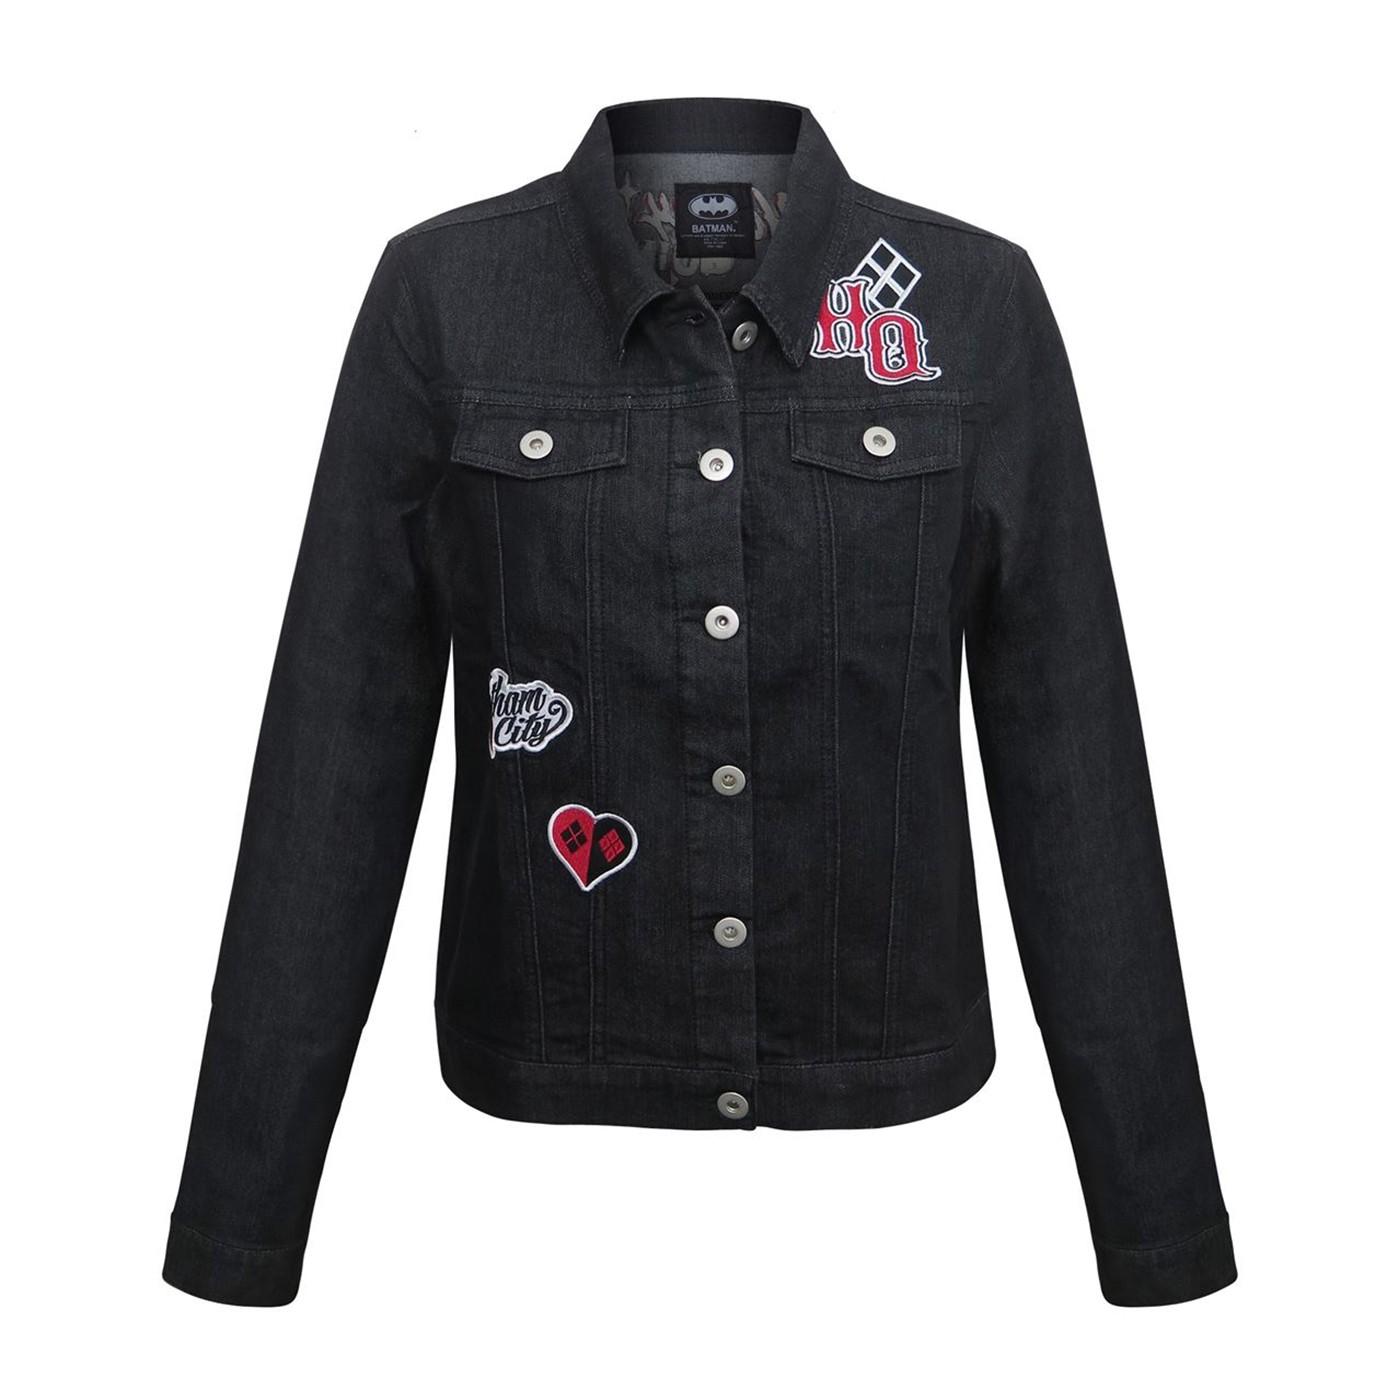 Harley Quinn Animated Women's Denim Jacket